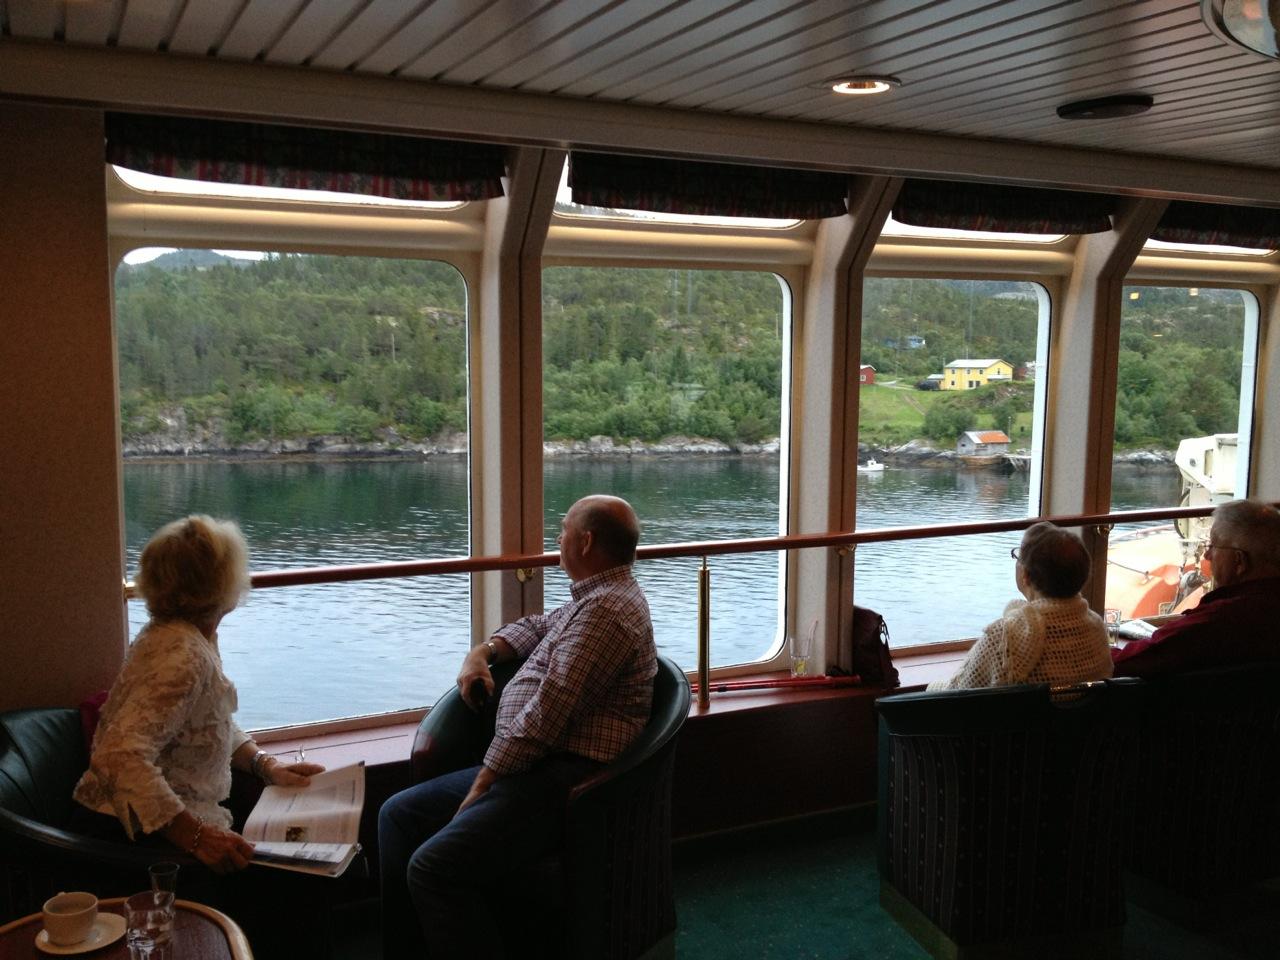 Norge - slik Hurtigrutens turister kan oppleve det. Foto: Odd Roar Lange